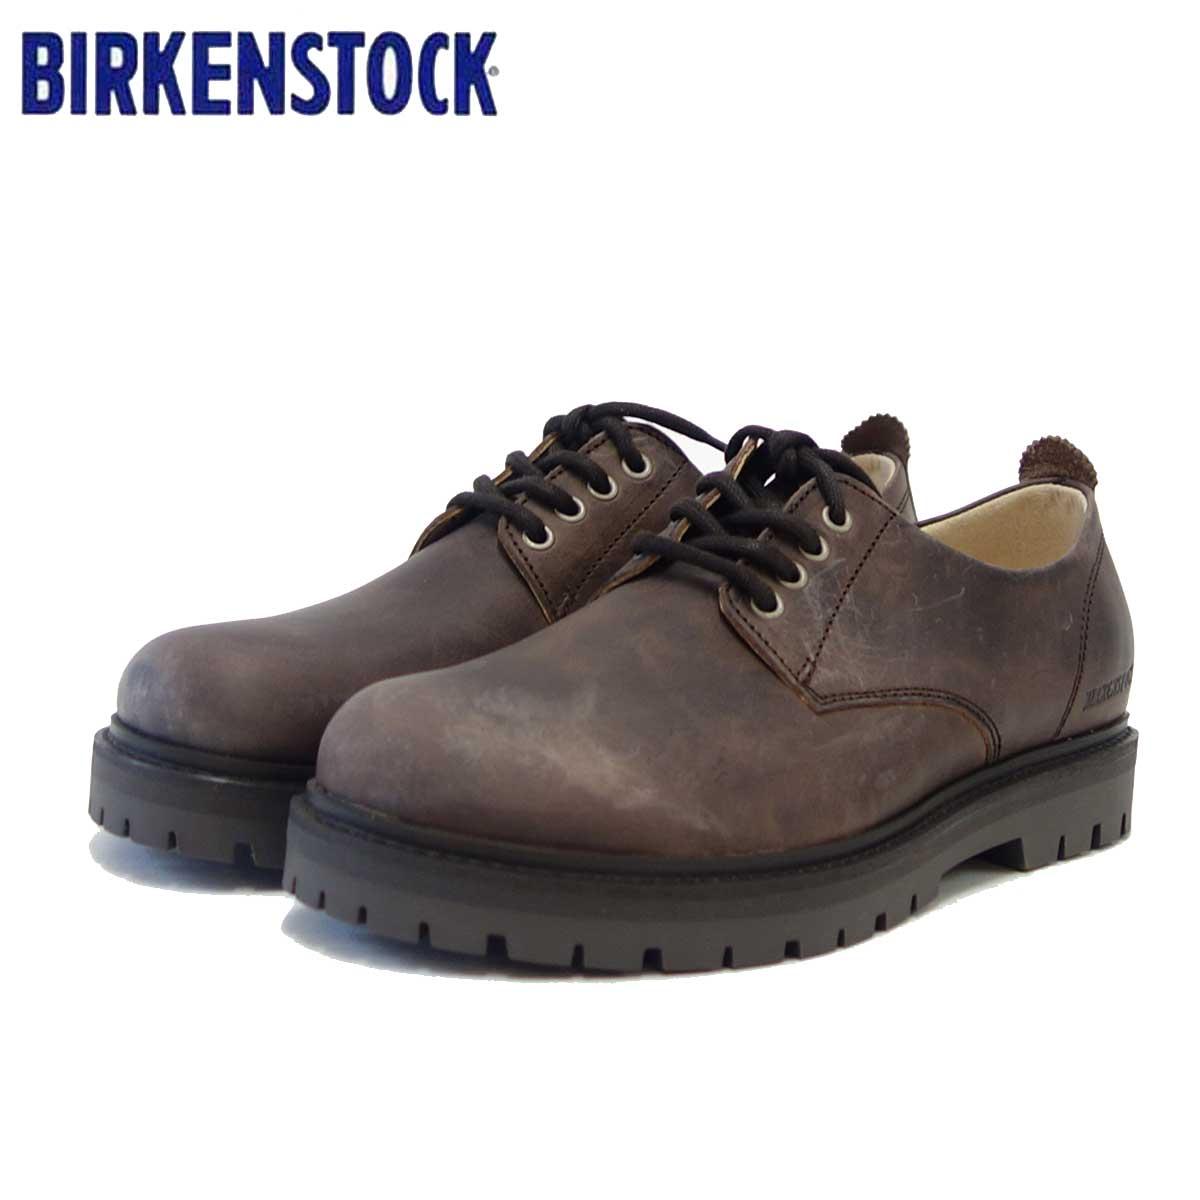 ビルケンシュトック BIRKENSTOCK KLEFAR(クレイヴァル)メンズ 1010669(ナチュラルレザー/モカ) 「靴」